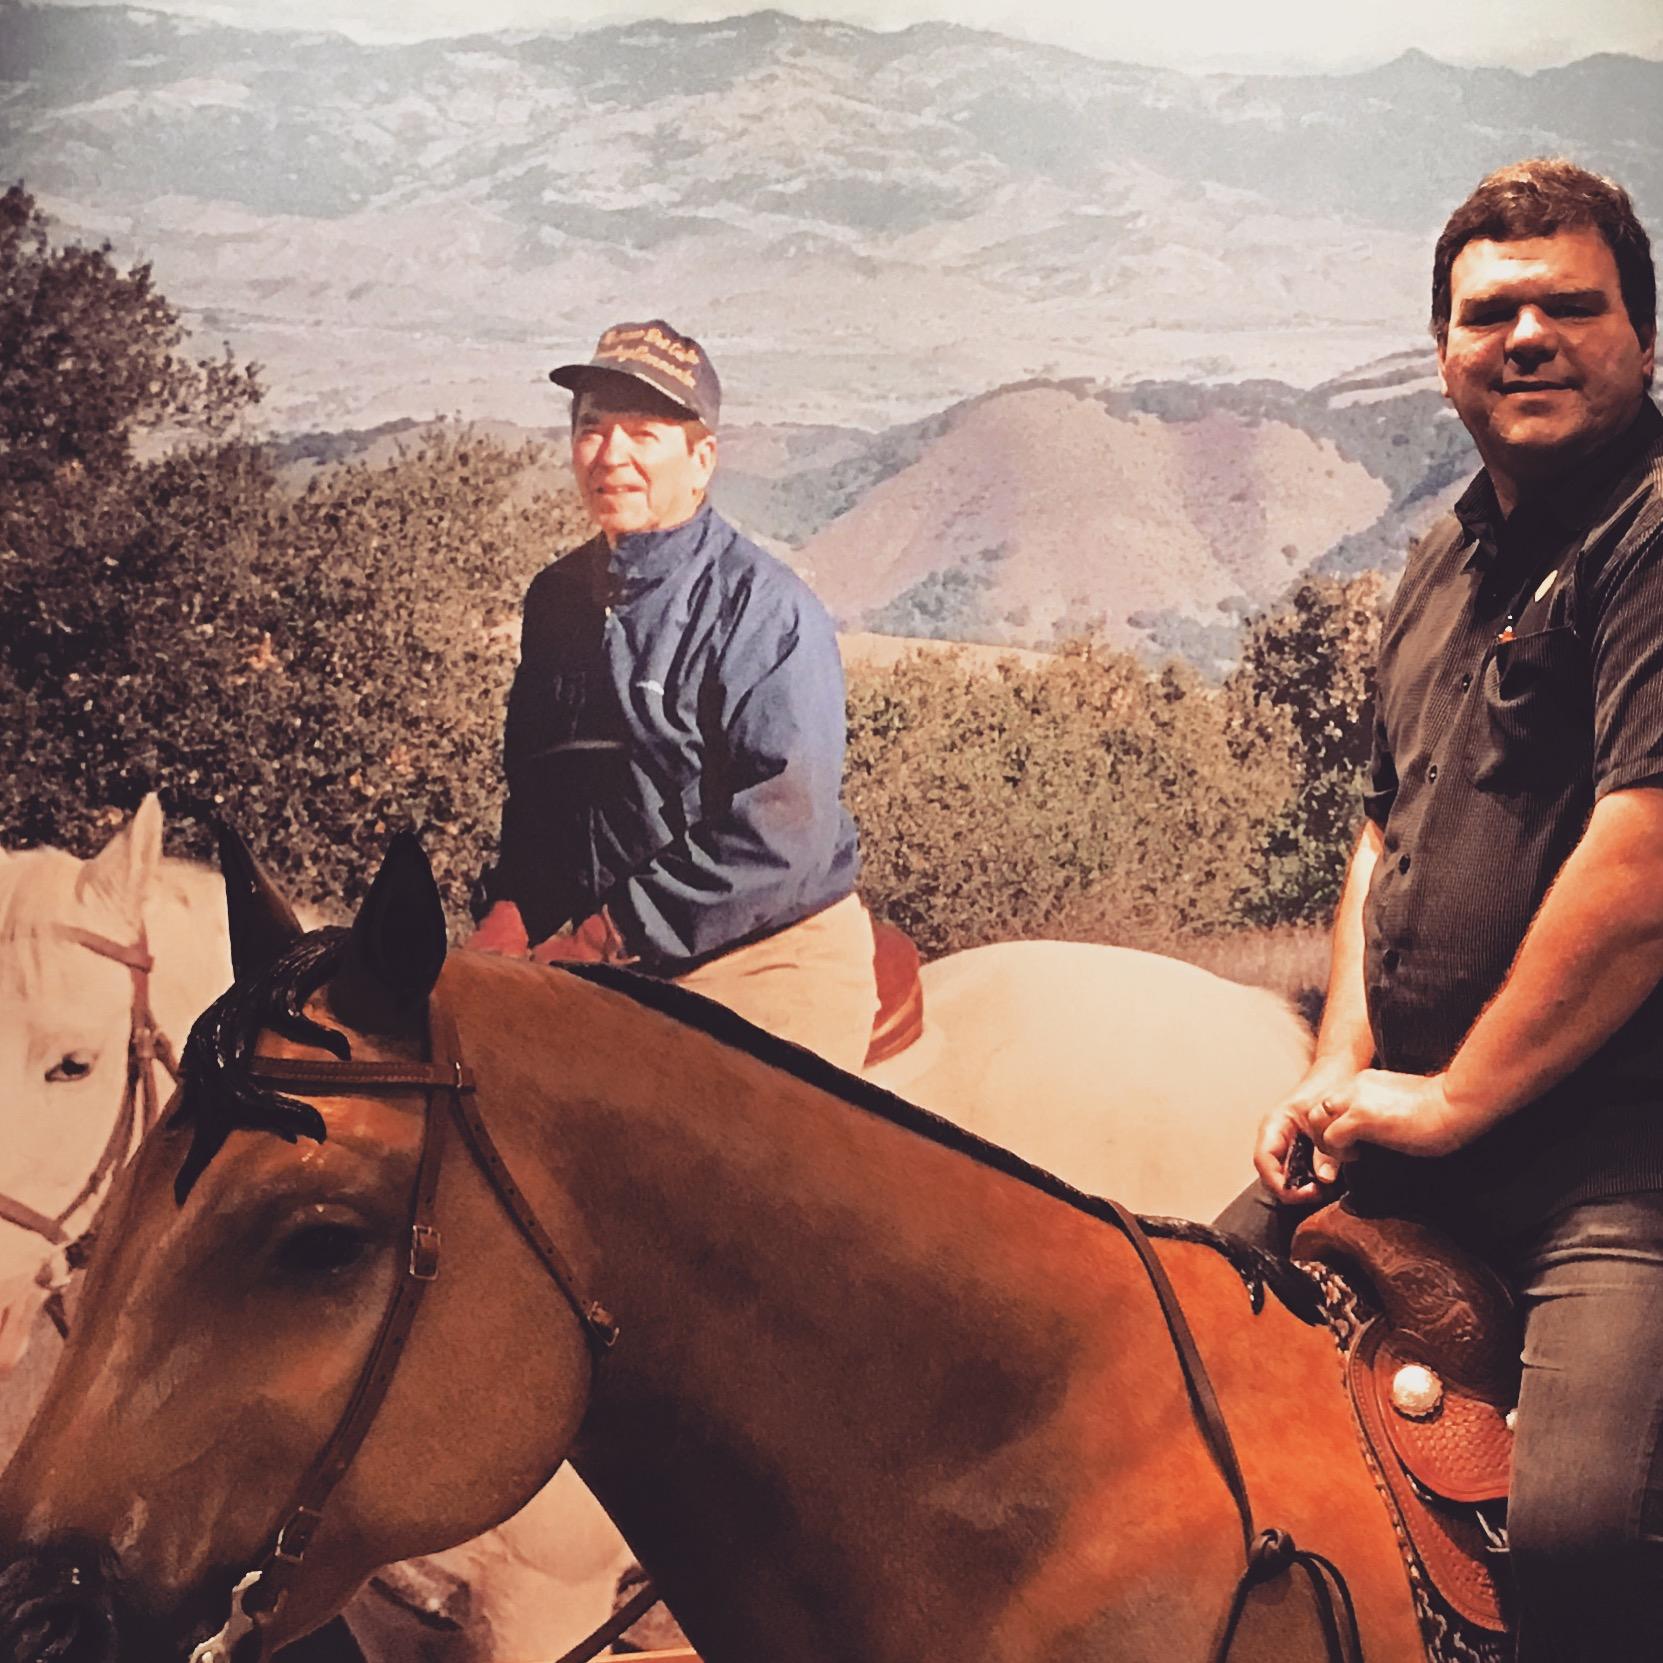 kyle riding with reagan.JPG